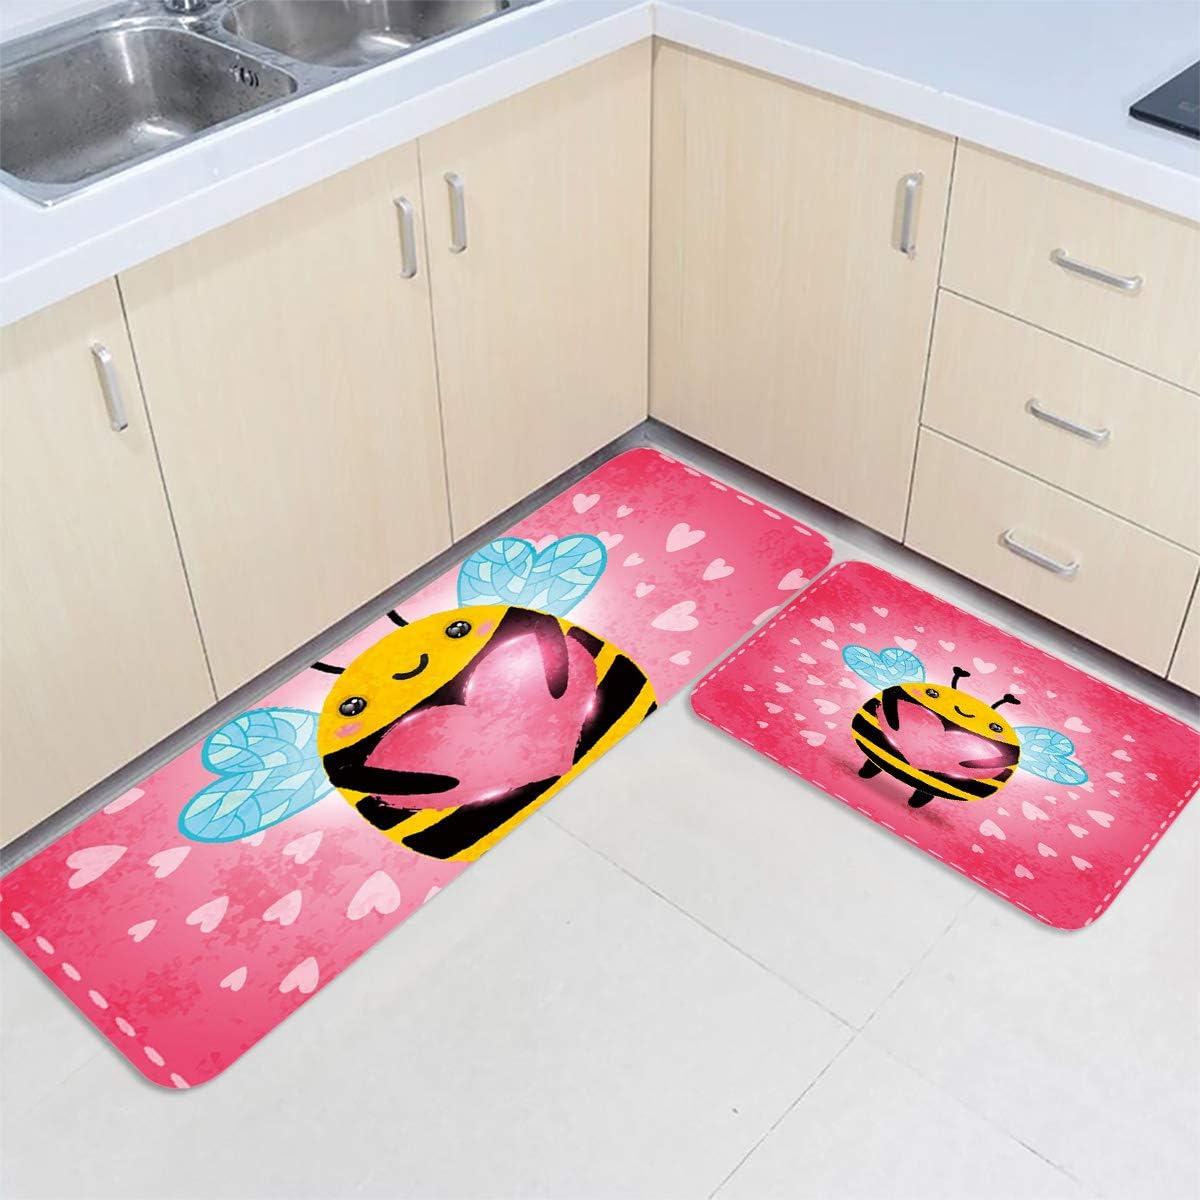 IDOWMAT Kitchen Long Beach Mall Mat Set of Premium Cheap Non-Slip Floor 2